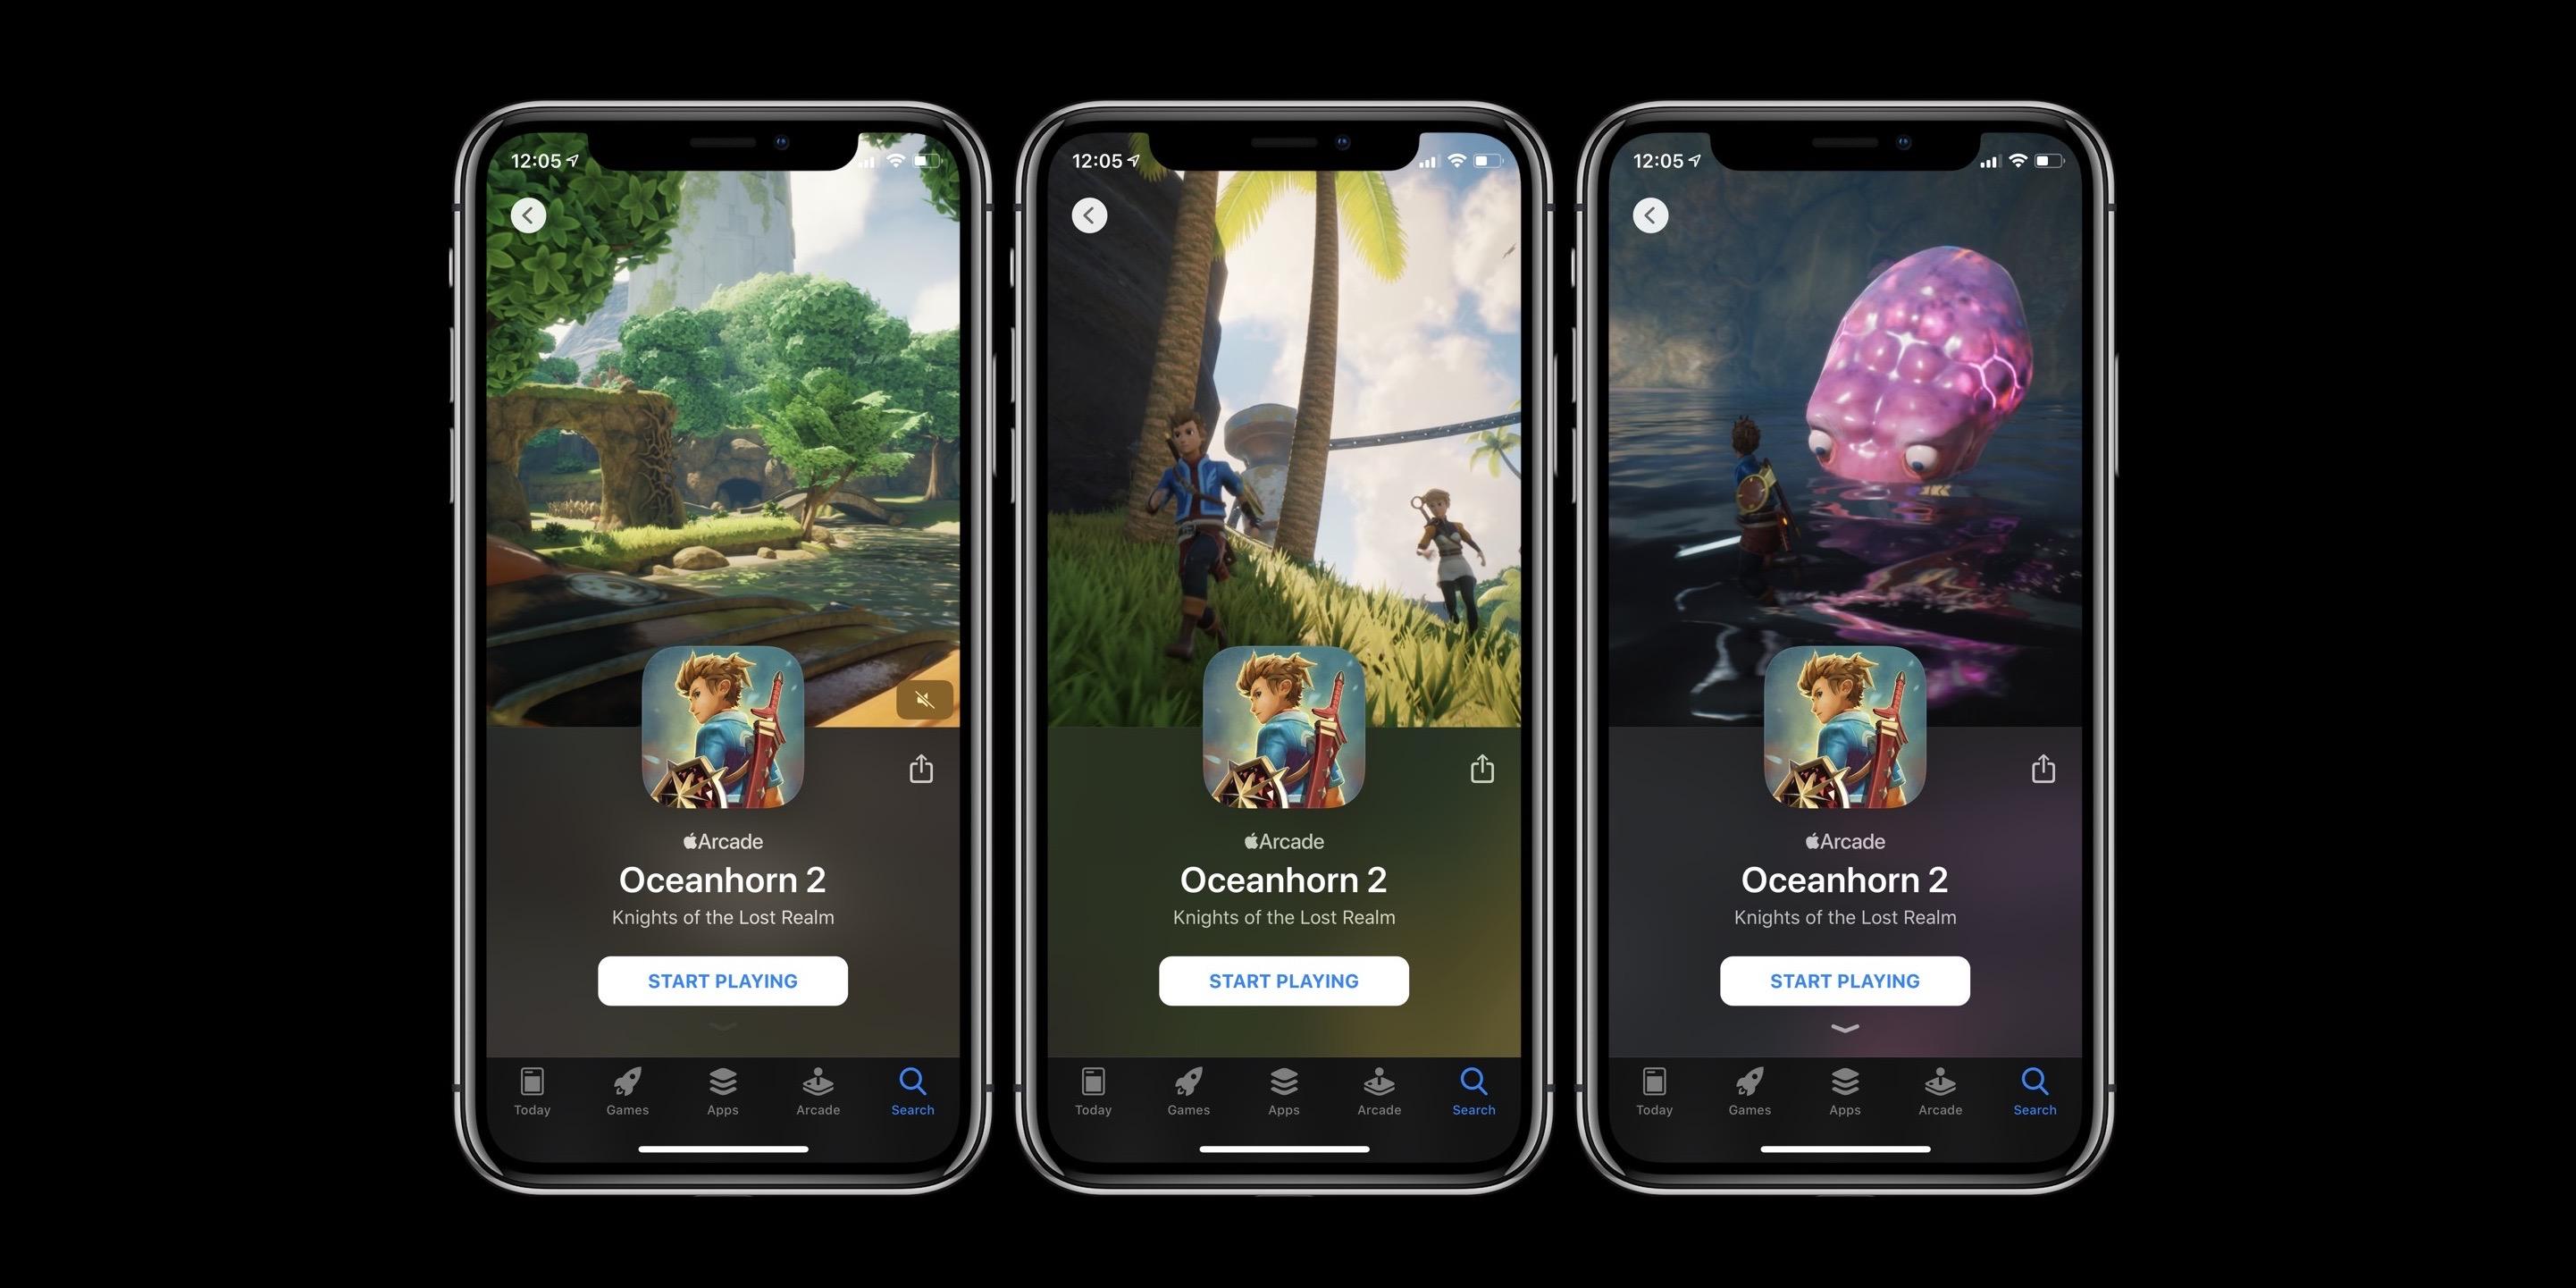 Novo jogo da Apple Arcade 6/4